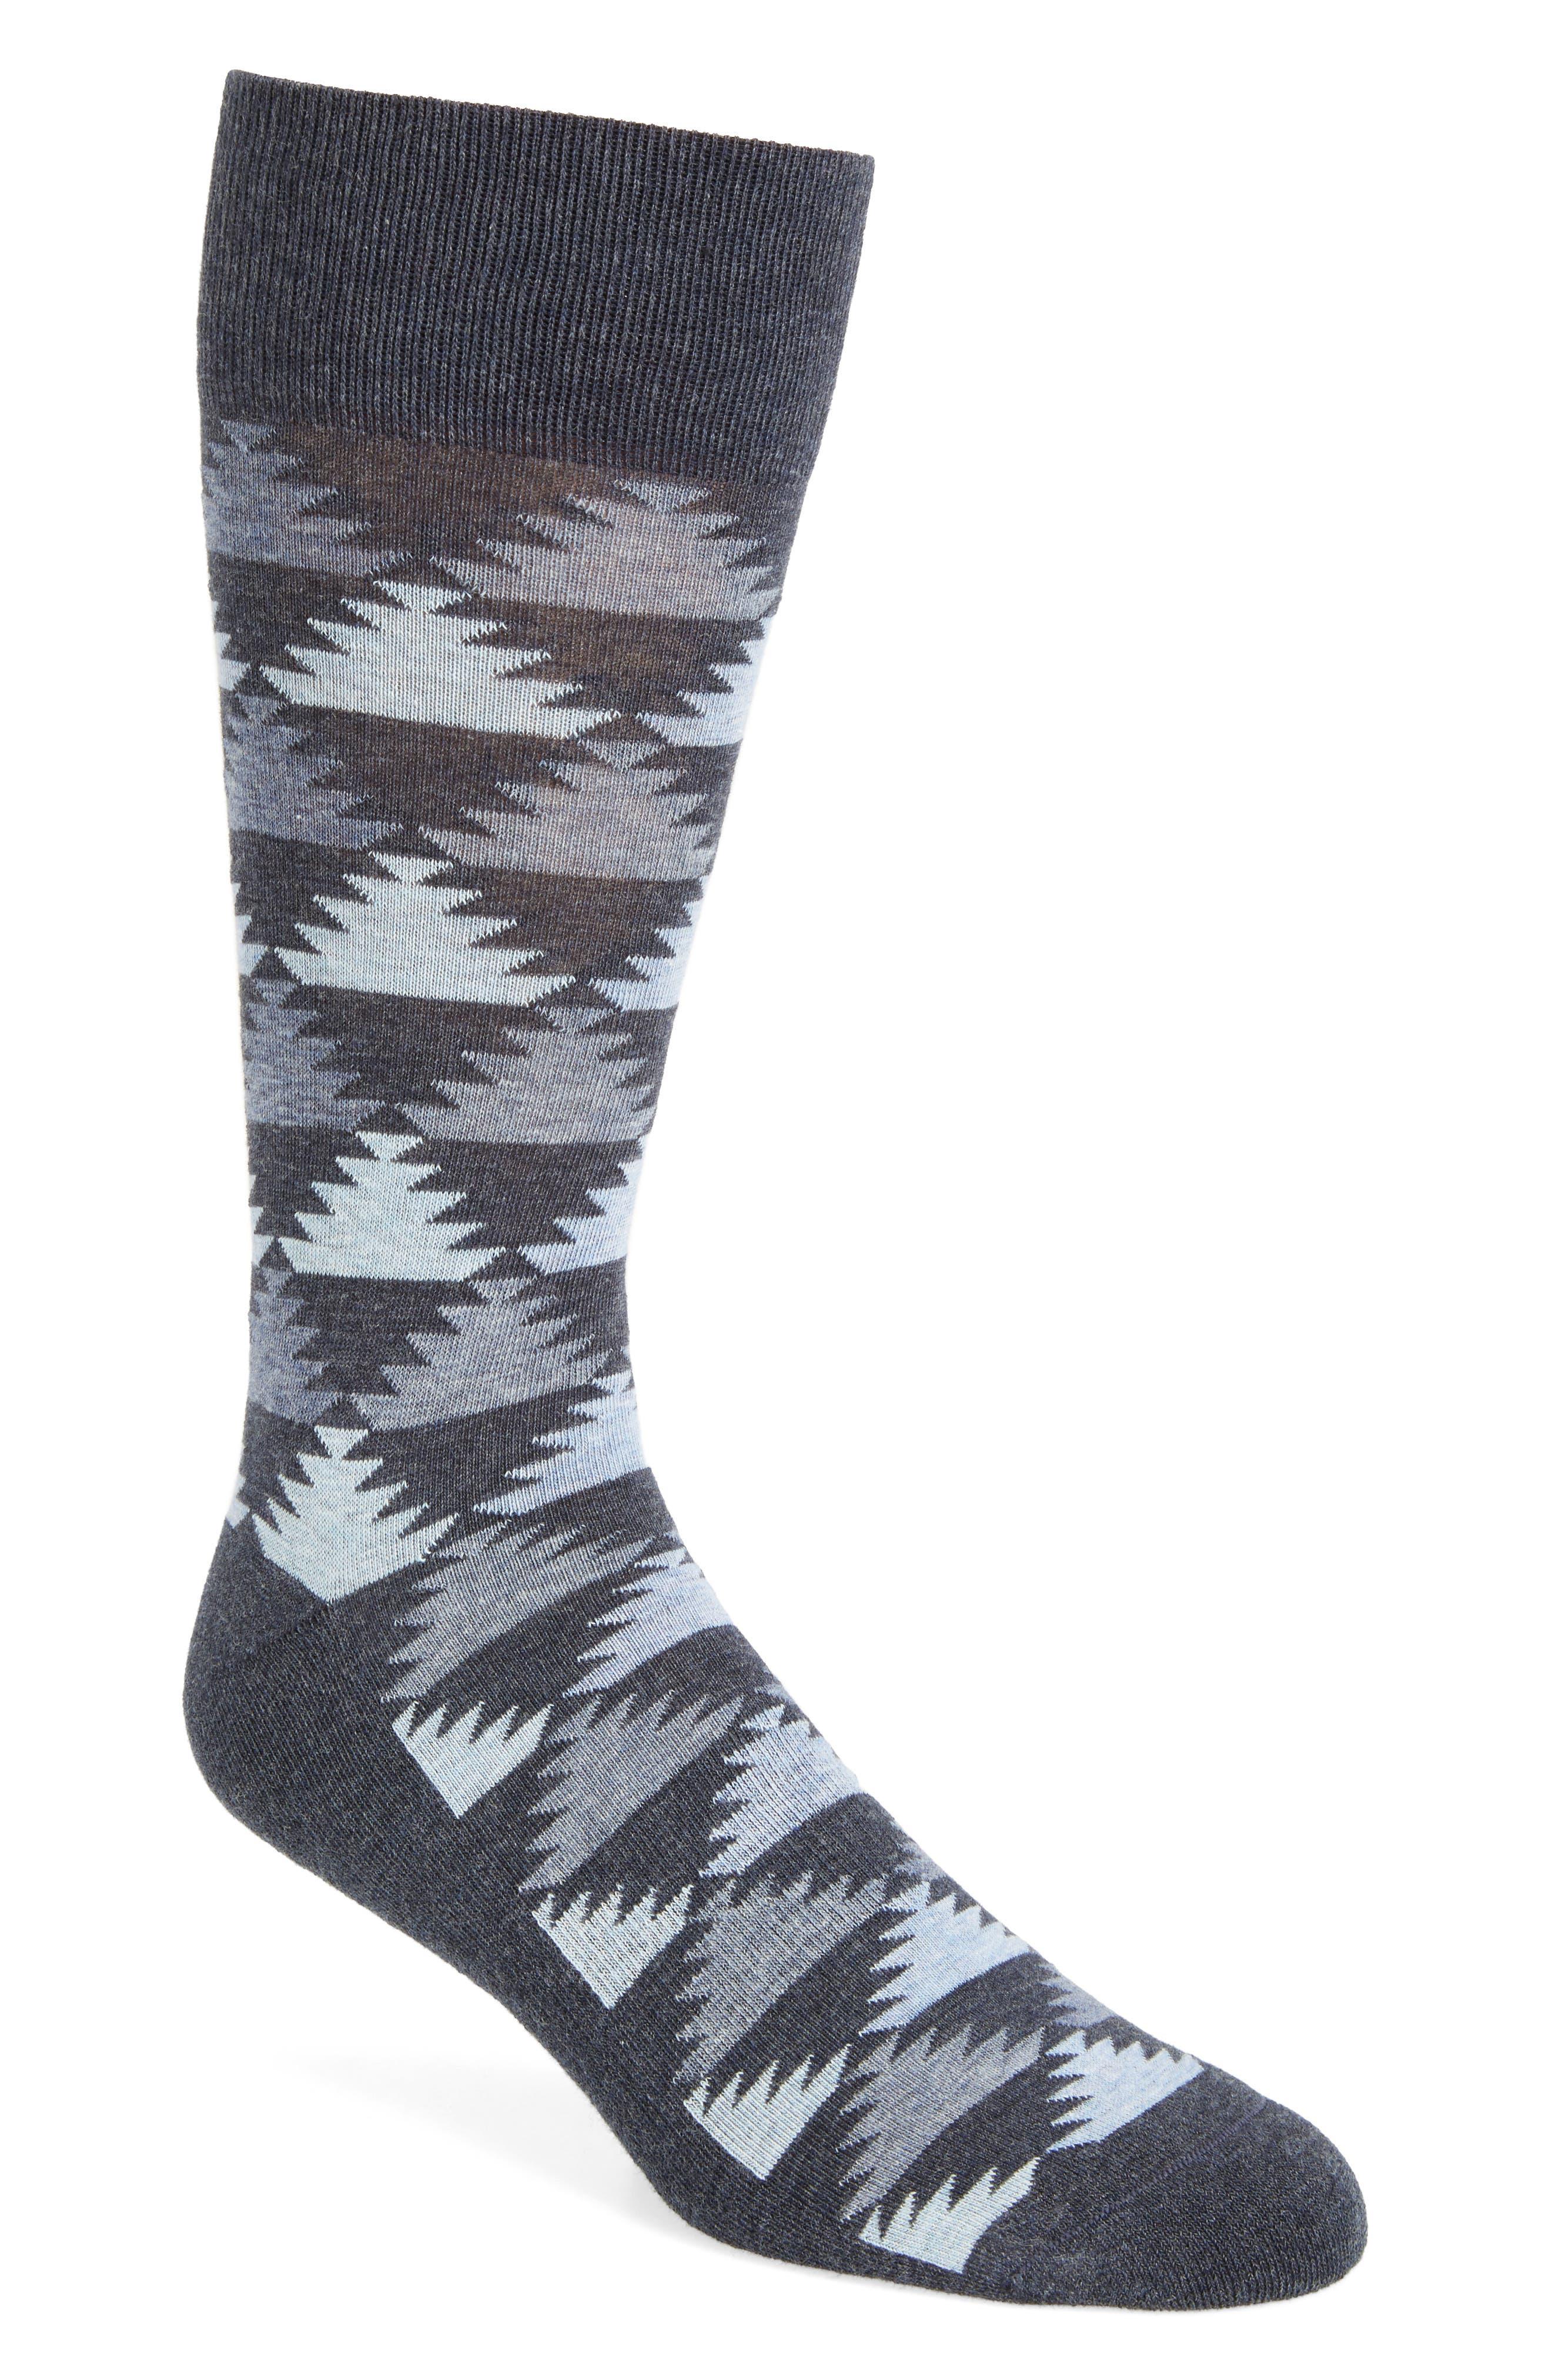 Shop a great selection of Cole Haan Men's Dress Socks at Nordstrom Rack. Find designer Cole Haan Men's Dress Socks up to 70% off and get free shipping on orders over $